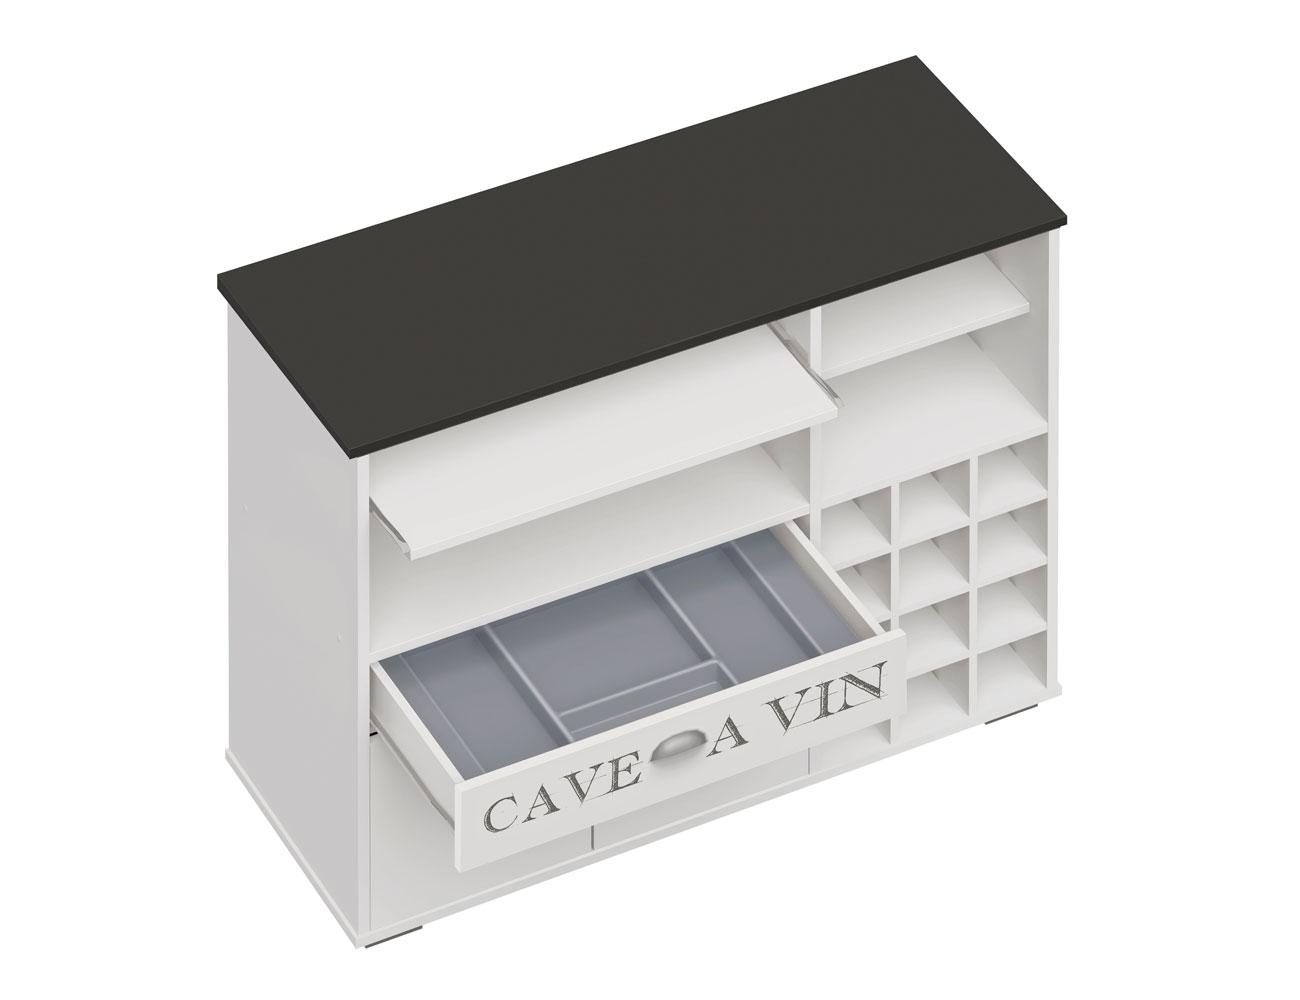 Mueble Buffet Para Cocina: Mueble aparador puertas cajones muebles ...